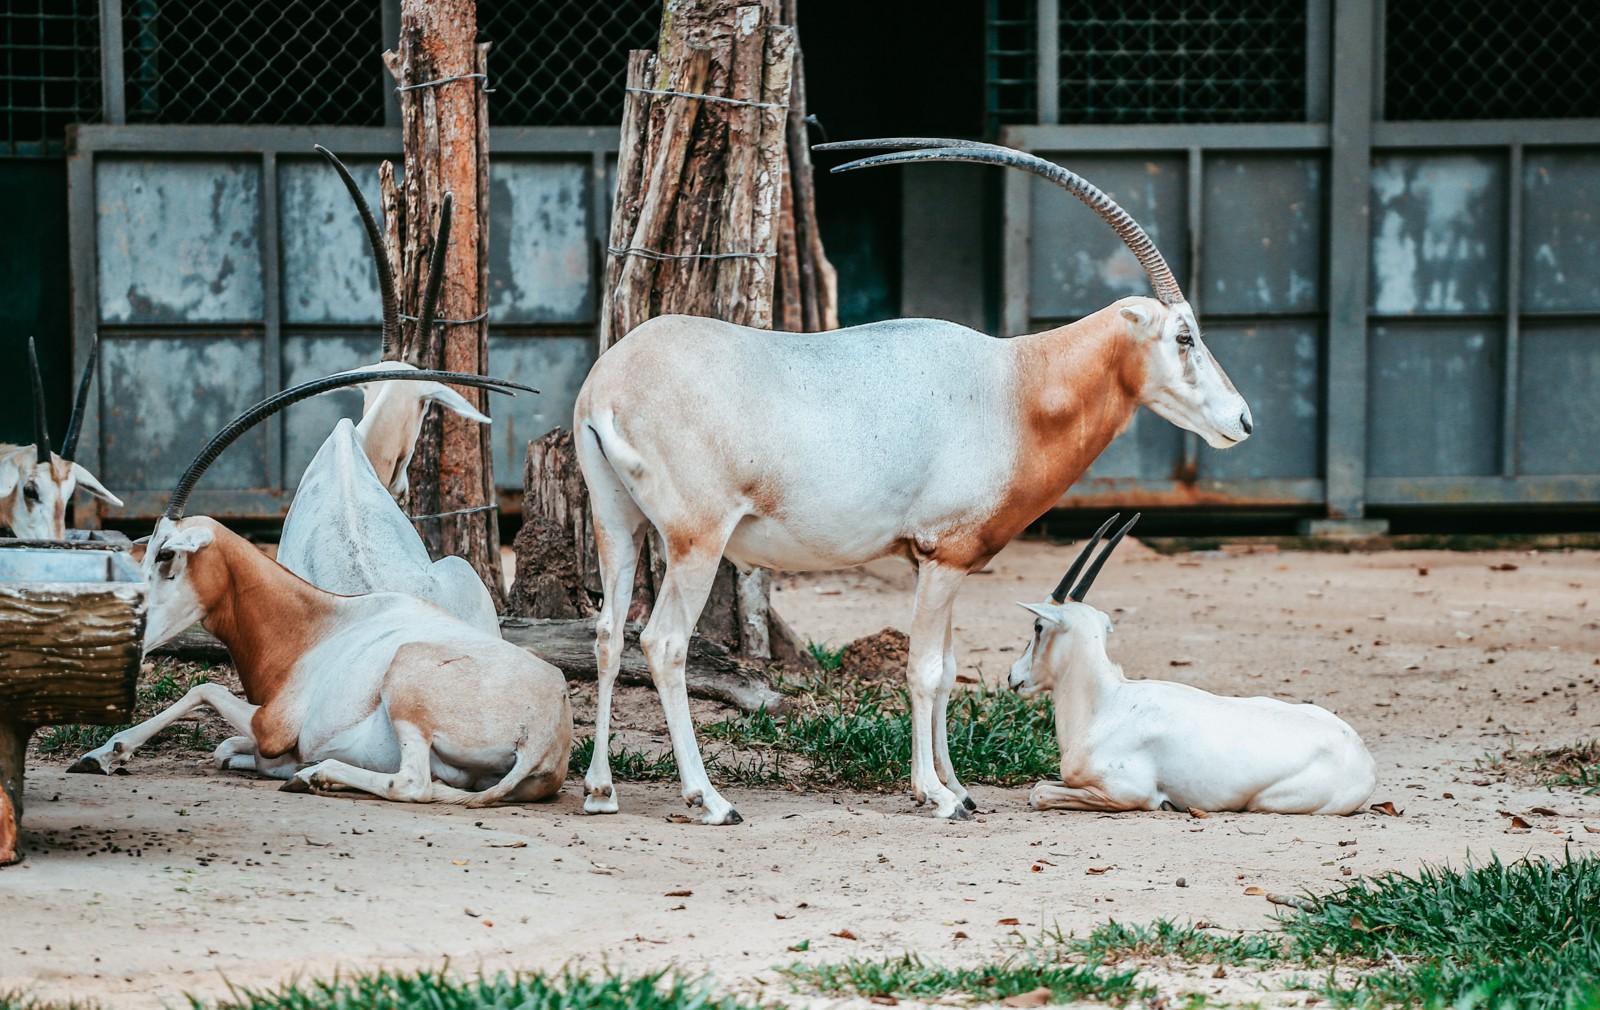 Ngắm những cặp mẹ con thú hoang dã đáng yêu ở Vinpearl Safari Phú Quốc - Ảnh 8.